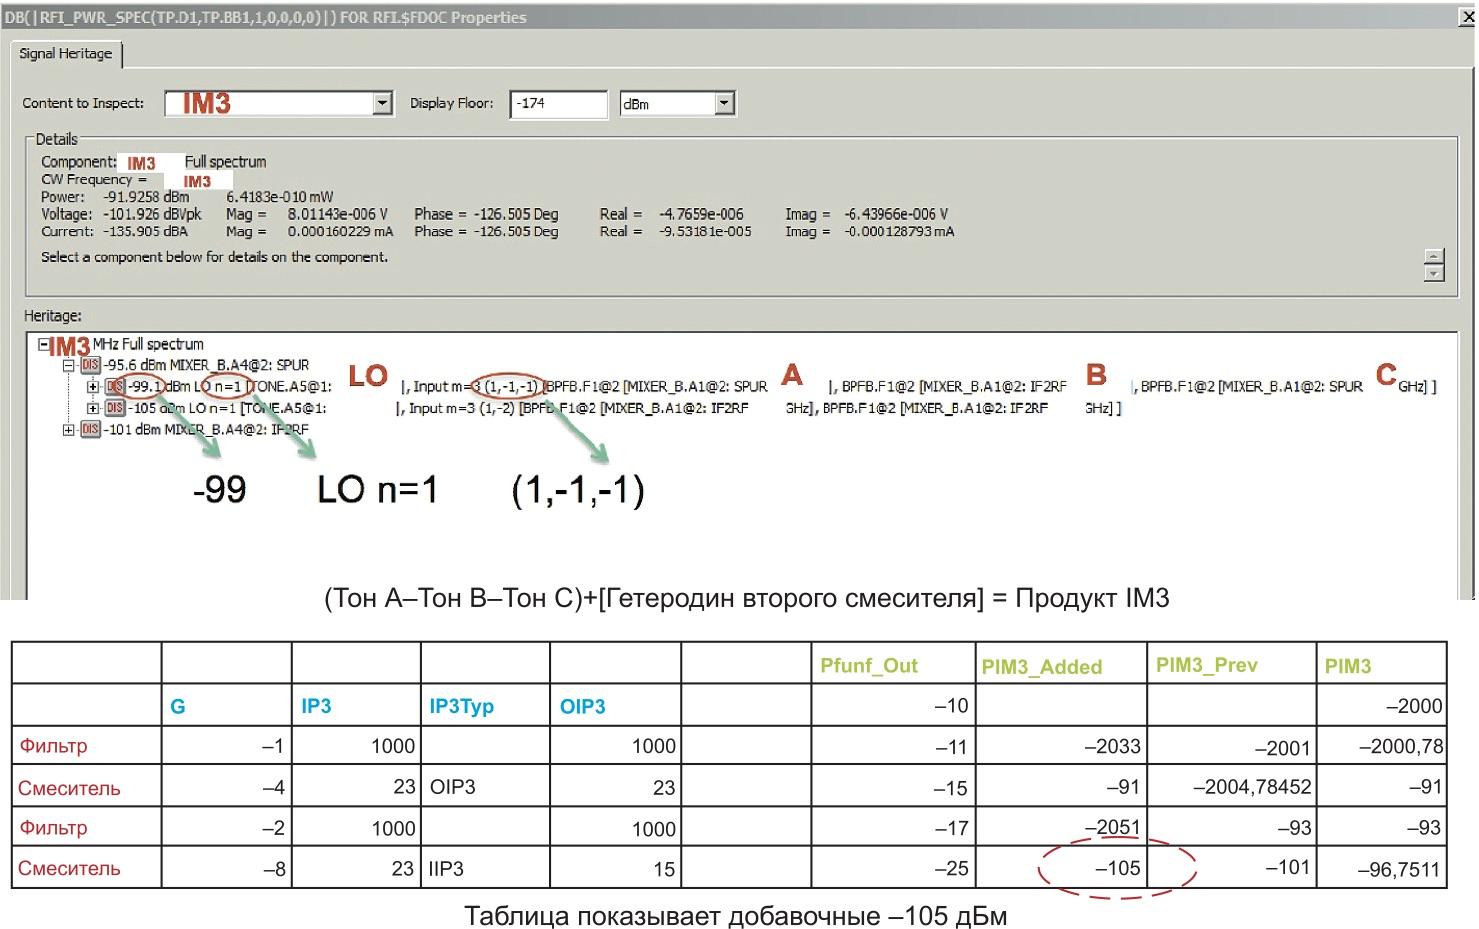 Анализ паразитного сигнала в модуле RFI в сравнении с табличными расчетами